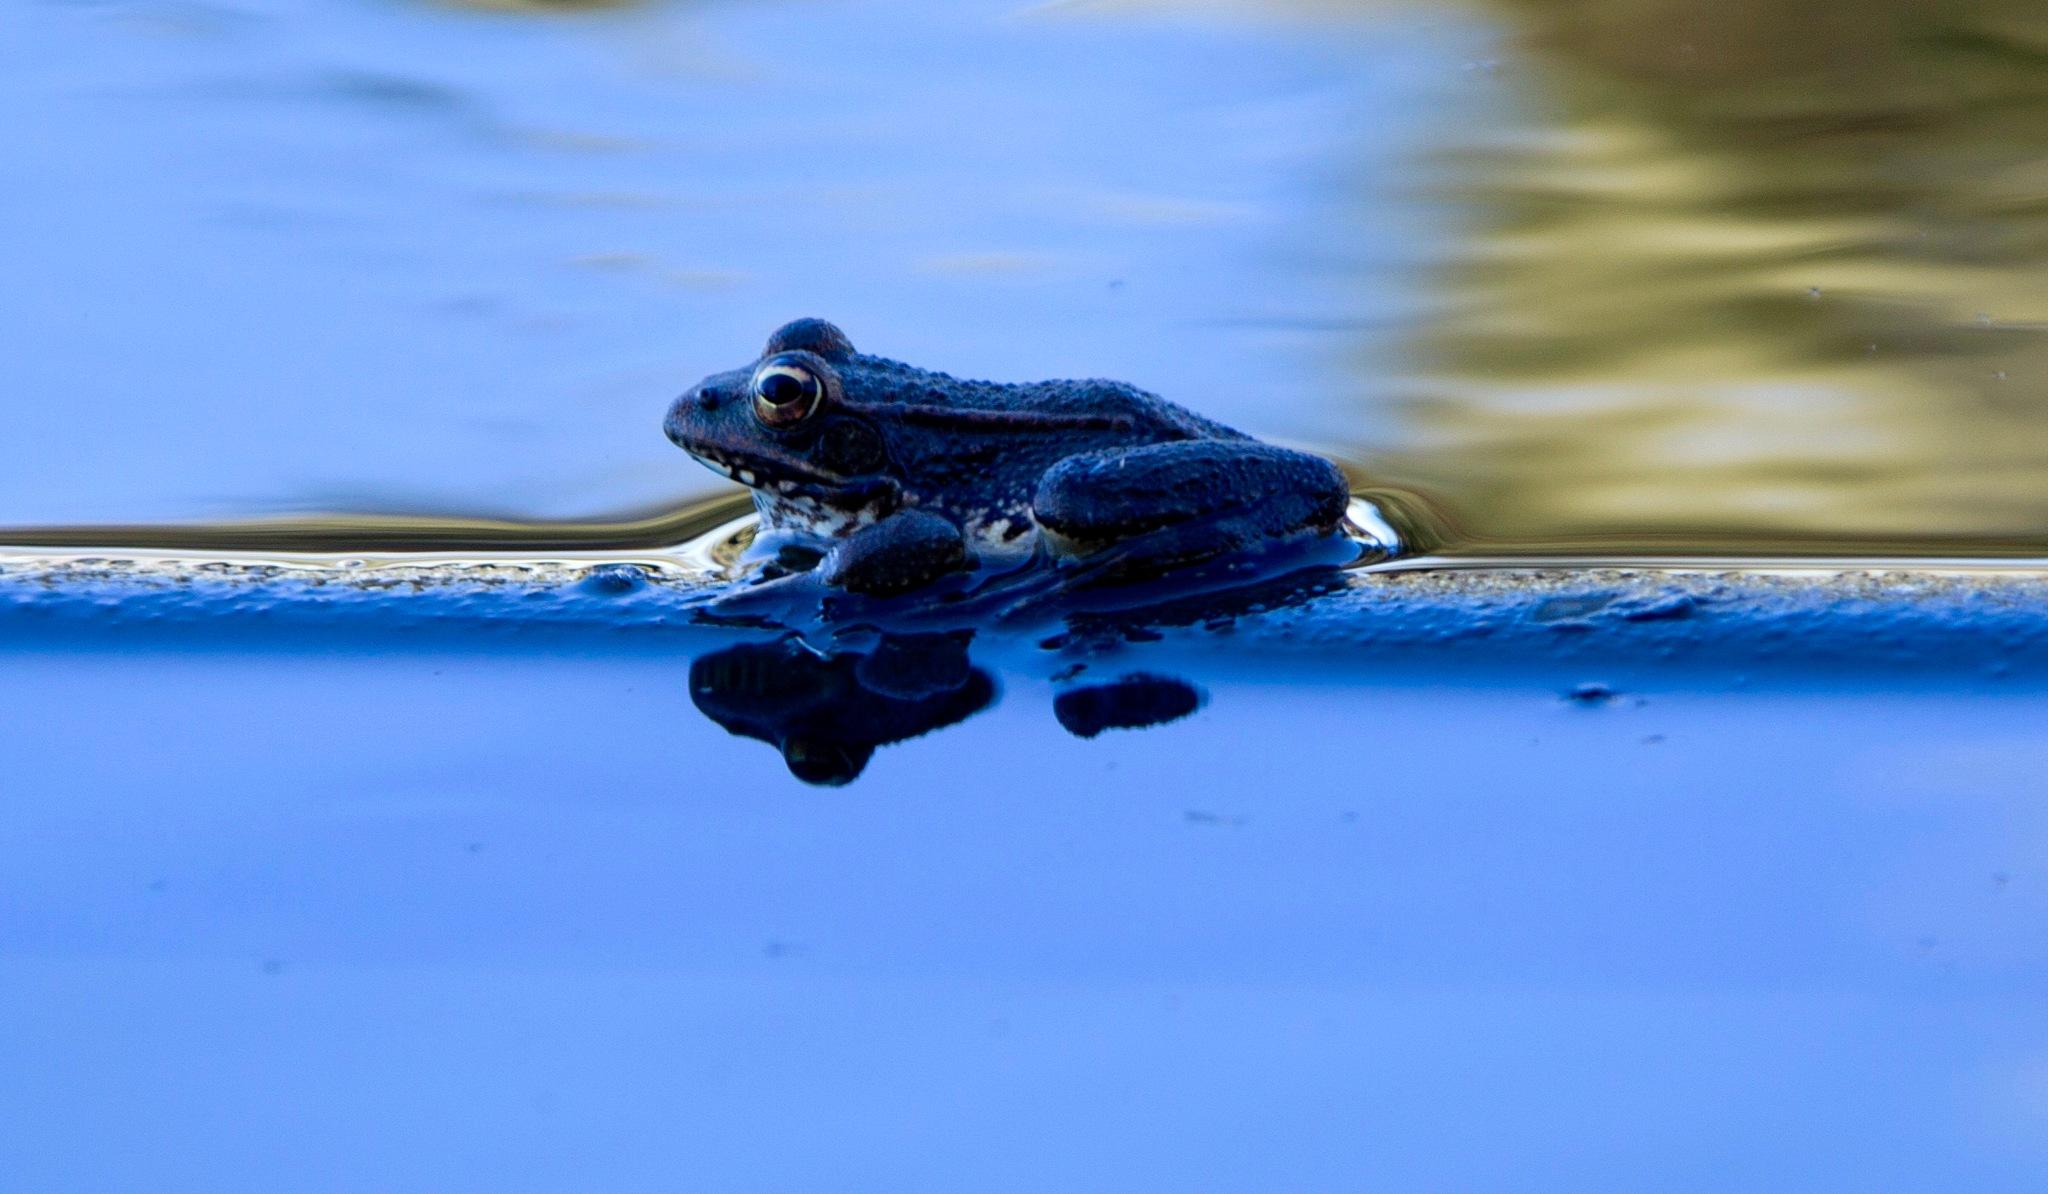 The frog by Francisco Sá da Bandeira